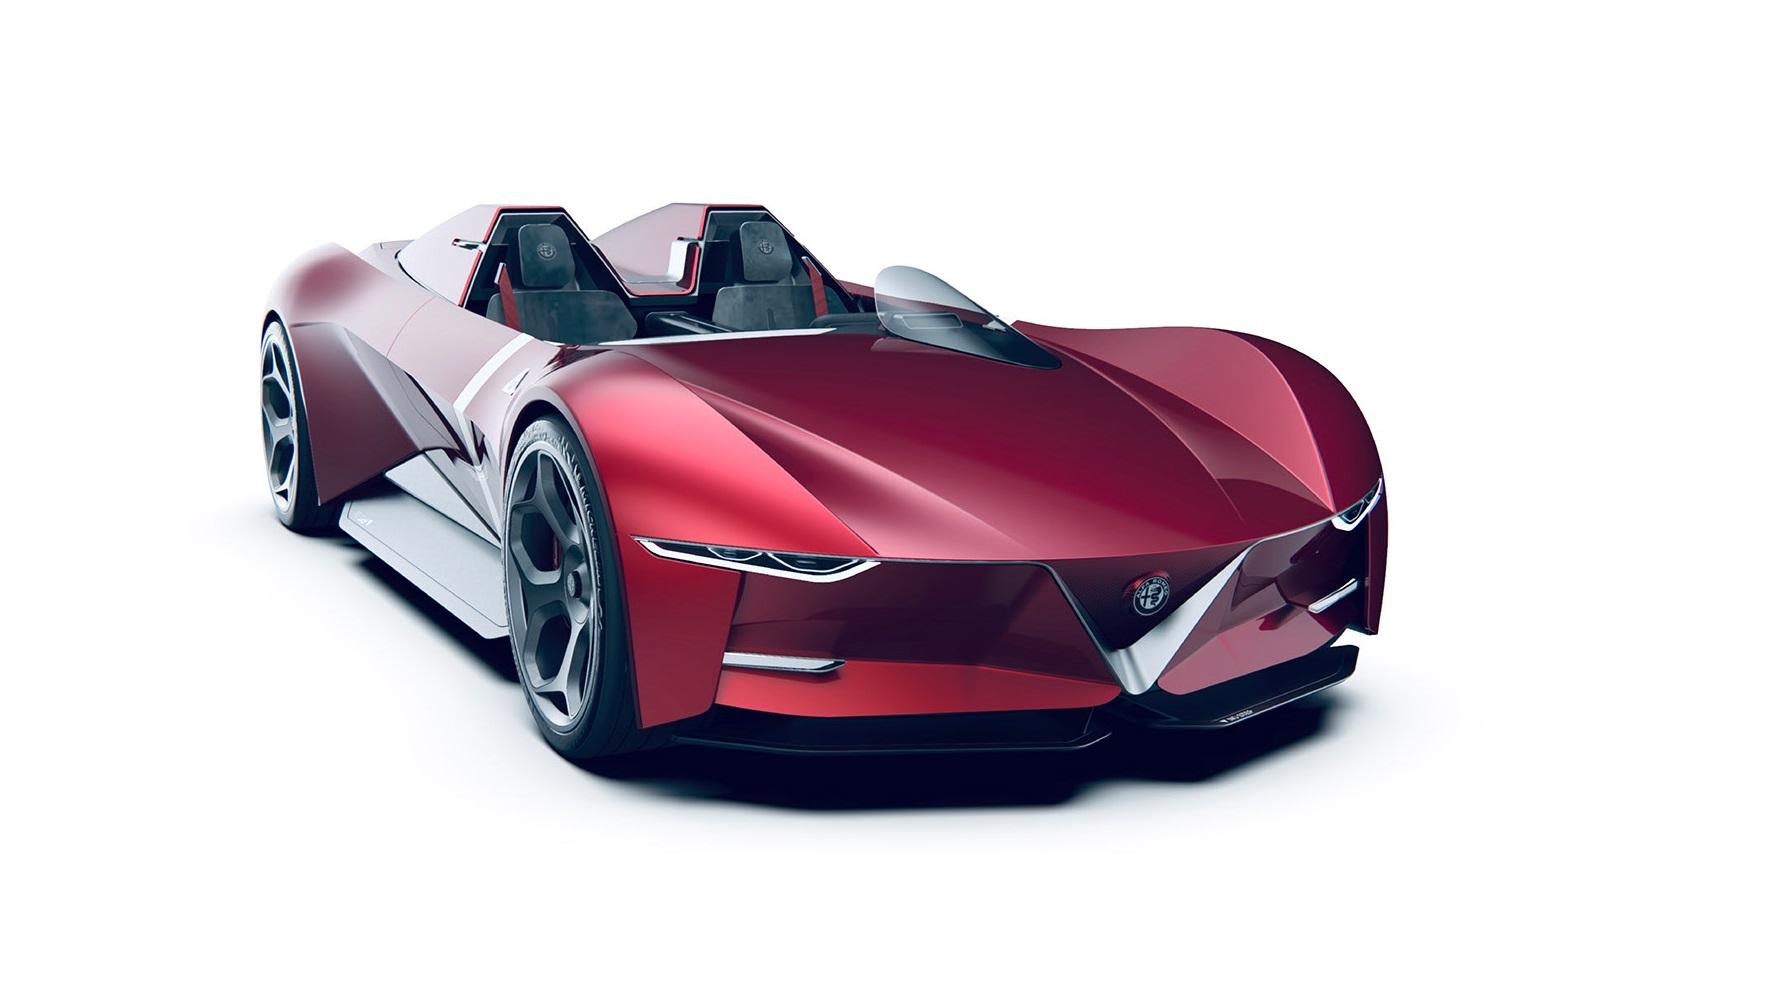 2020 Alfa Romeo Duetto Prices